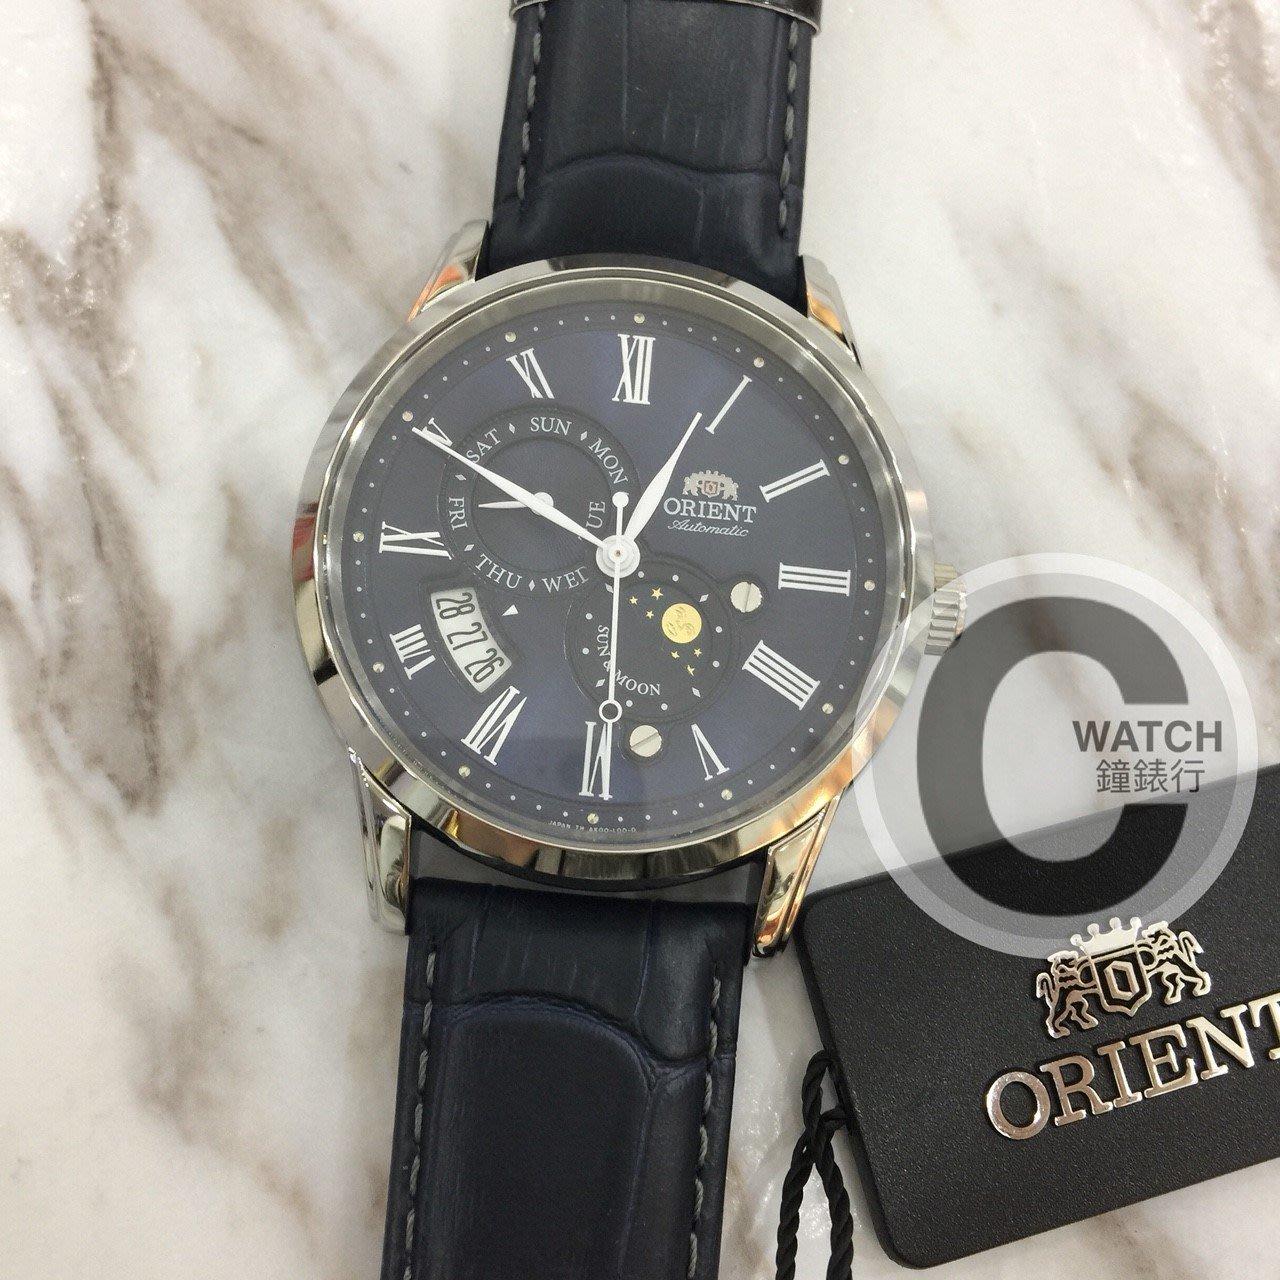 【公司貨附發票】ORIENT 東方錶 SUN&MOON系列 機械 男錶 (SAK00005D 藍)